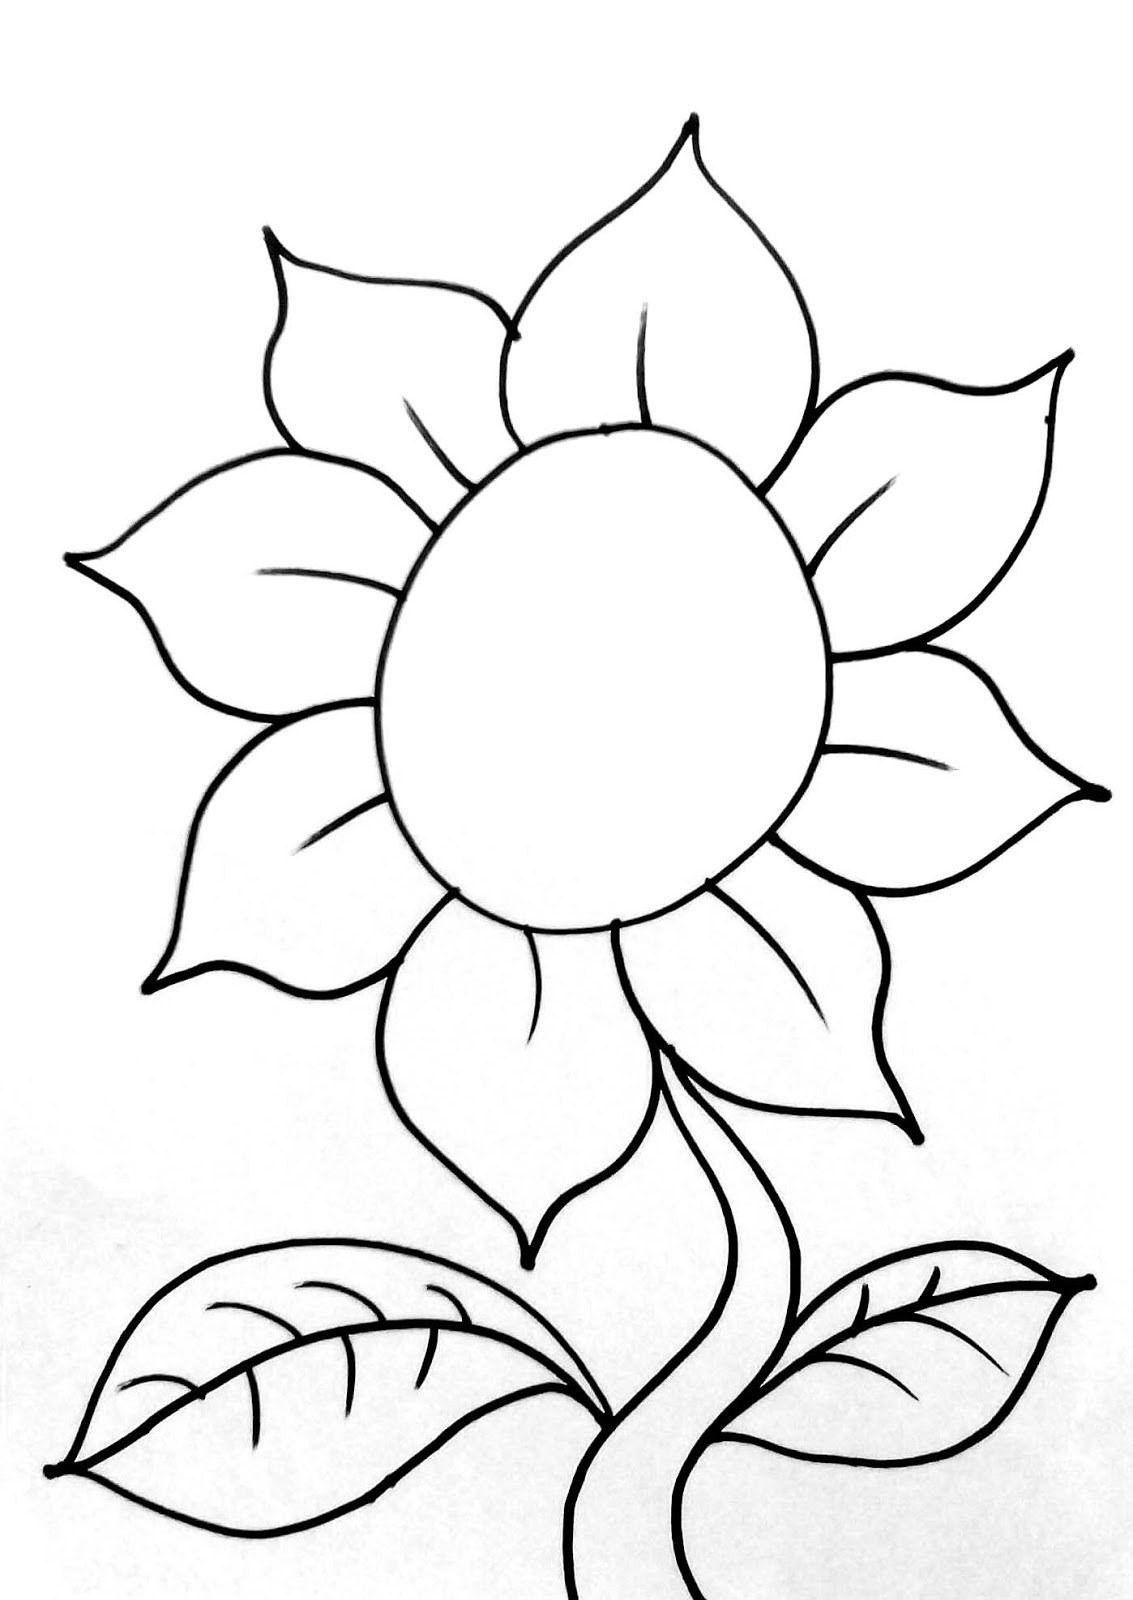 11 Gambar Bunga Matahari Hitam Putih Untuk Kolase Foto Pemandangan Hd Di 2020 Bunga Lukisan Bunga Gambar